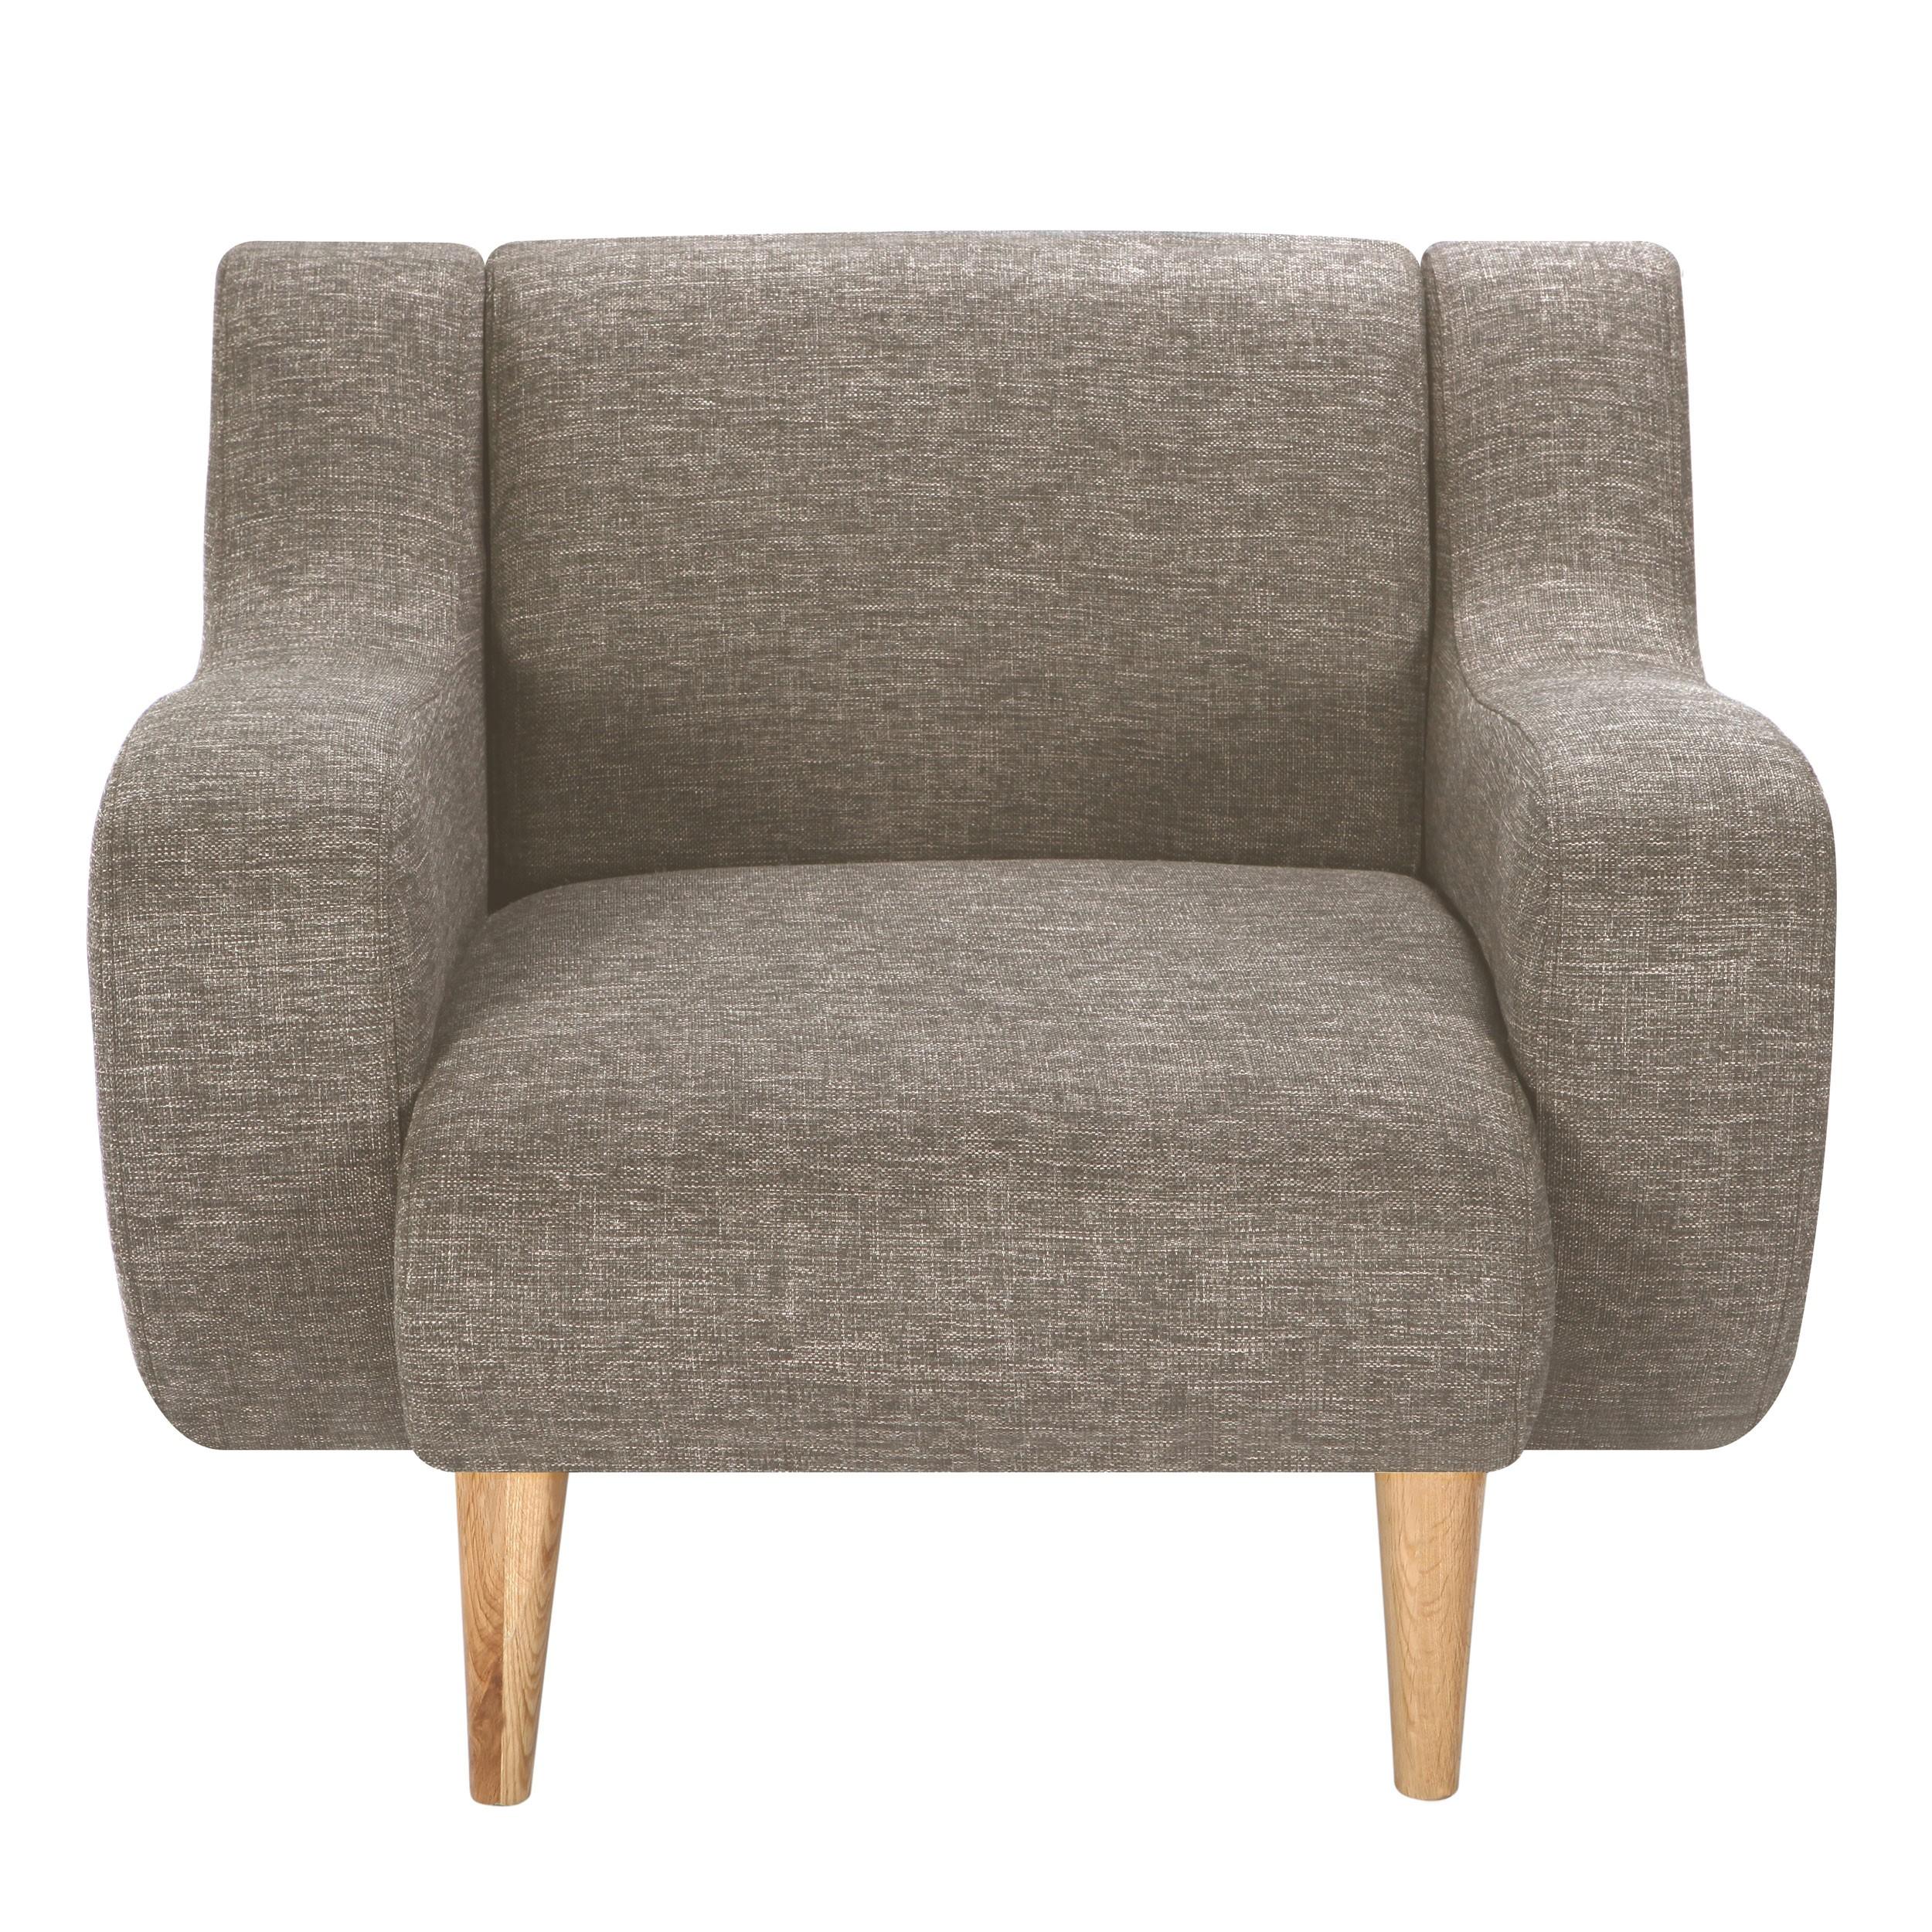 Fauteuil Stockholm découvrez nos fauteuils scandinaves design